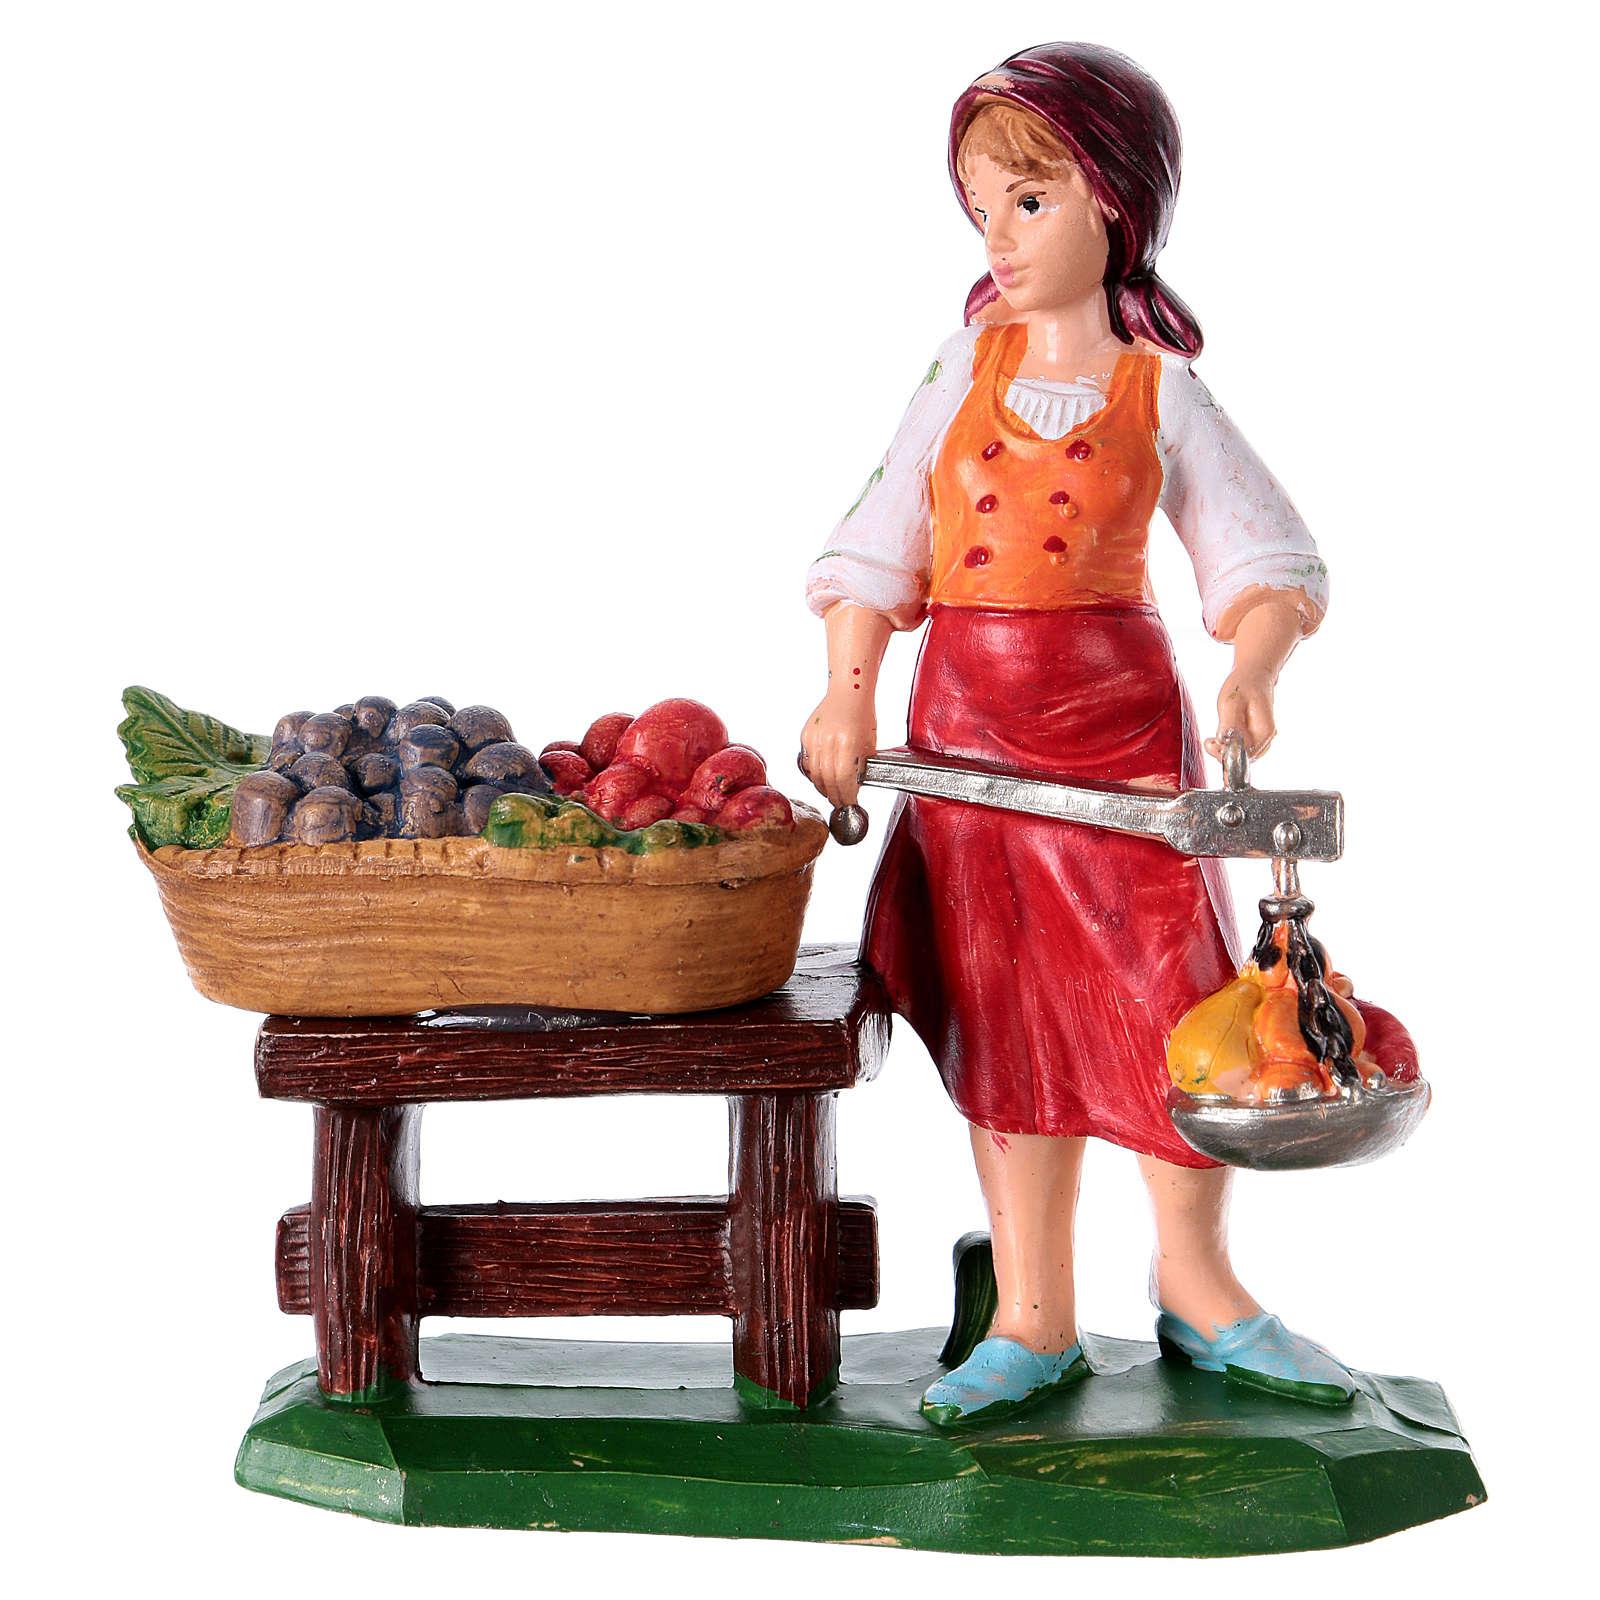 Woman fruiterer 10 cm for Nativity Scene 3